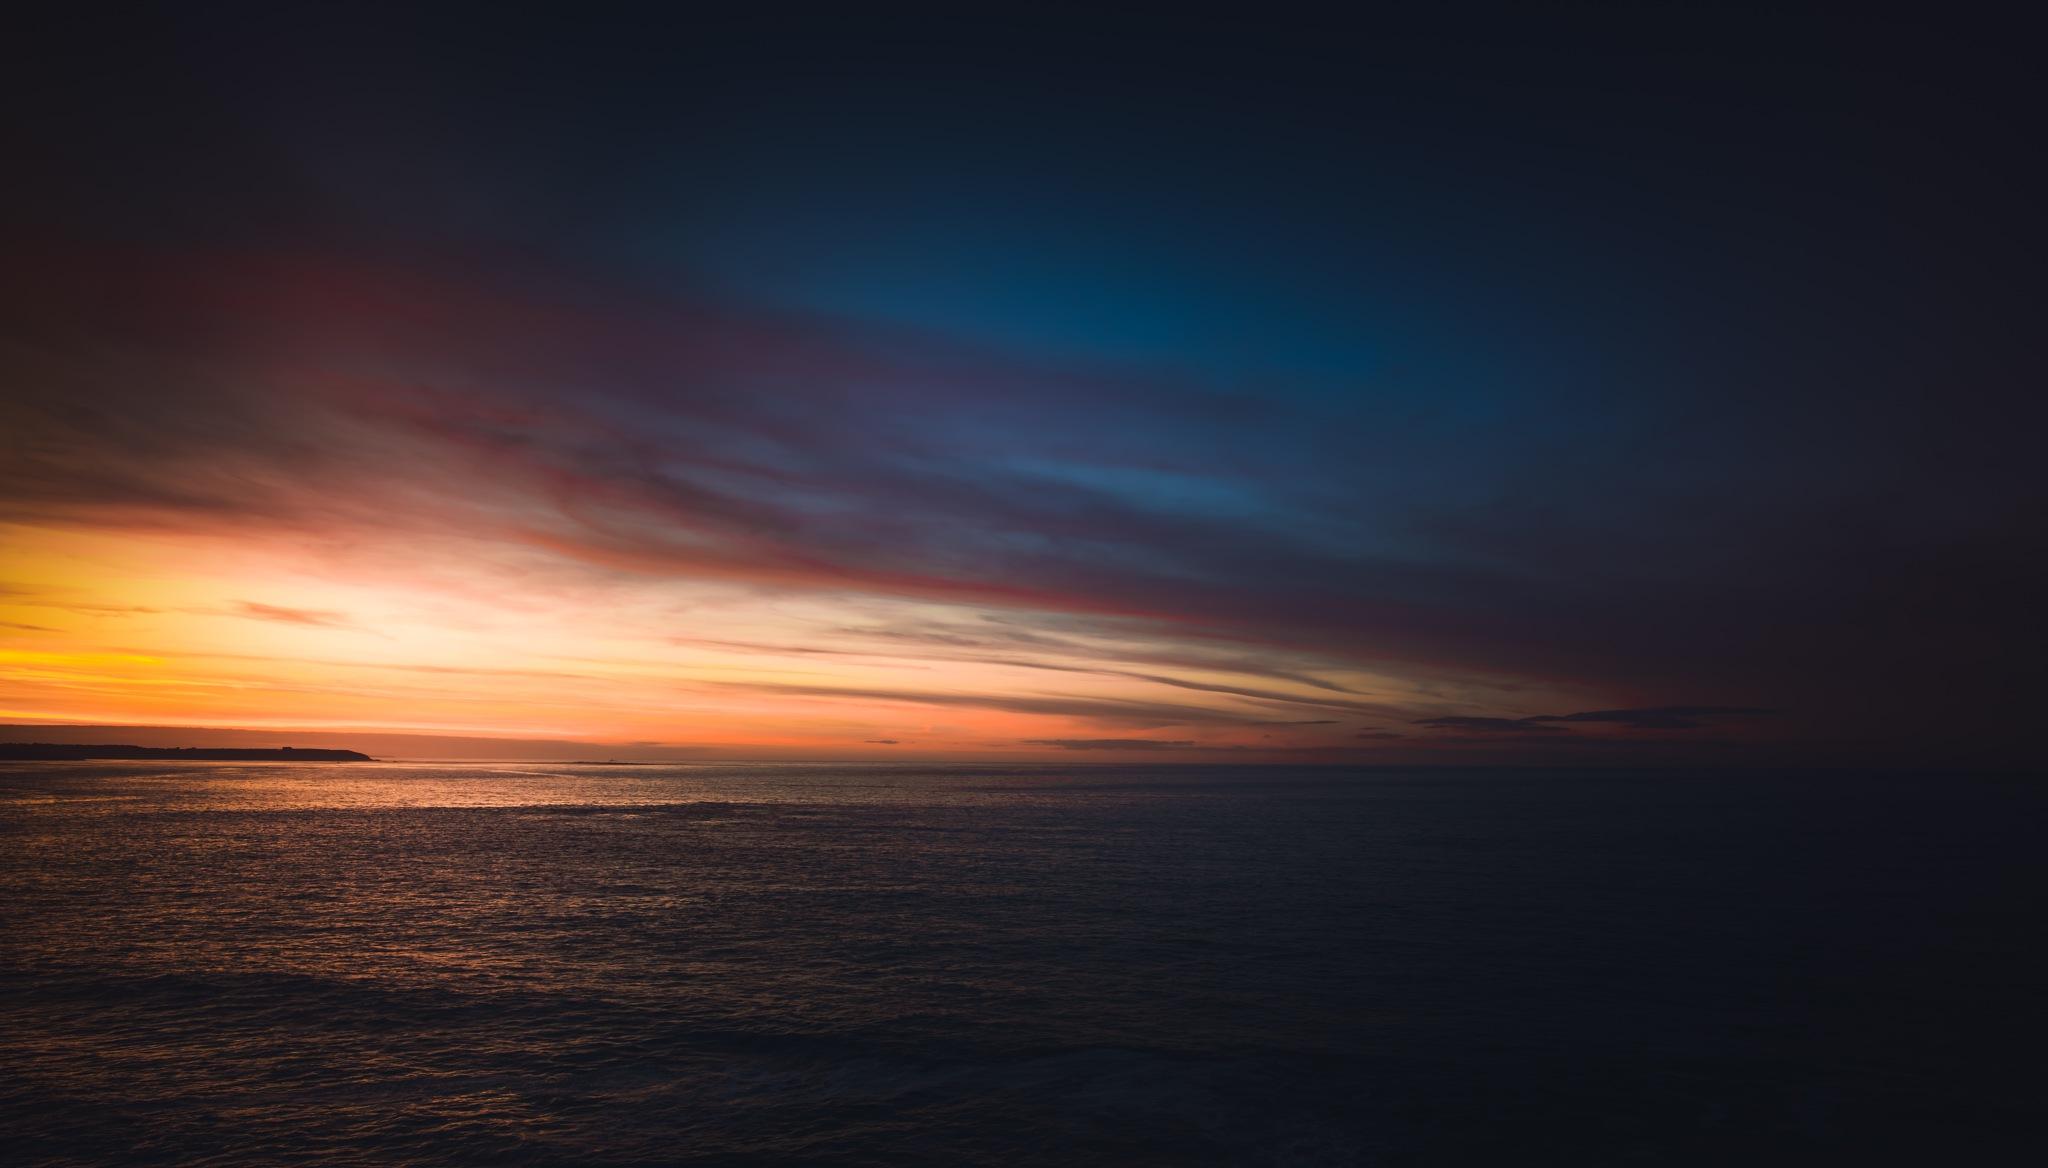 Last Light by Julien Hulin